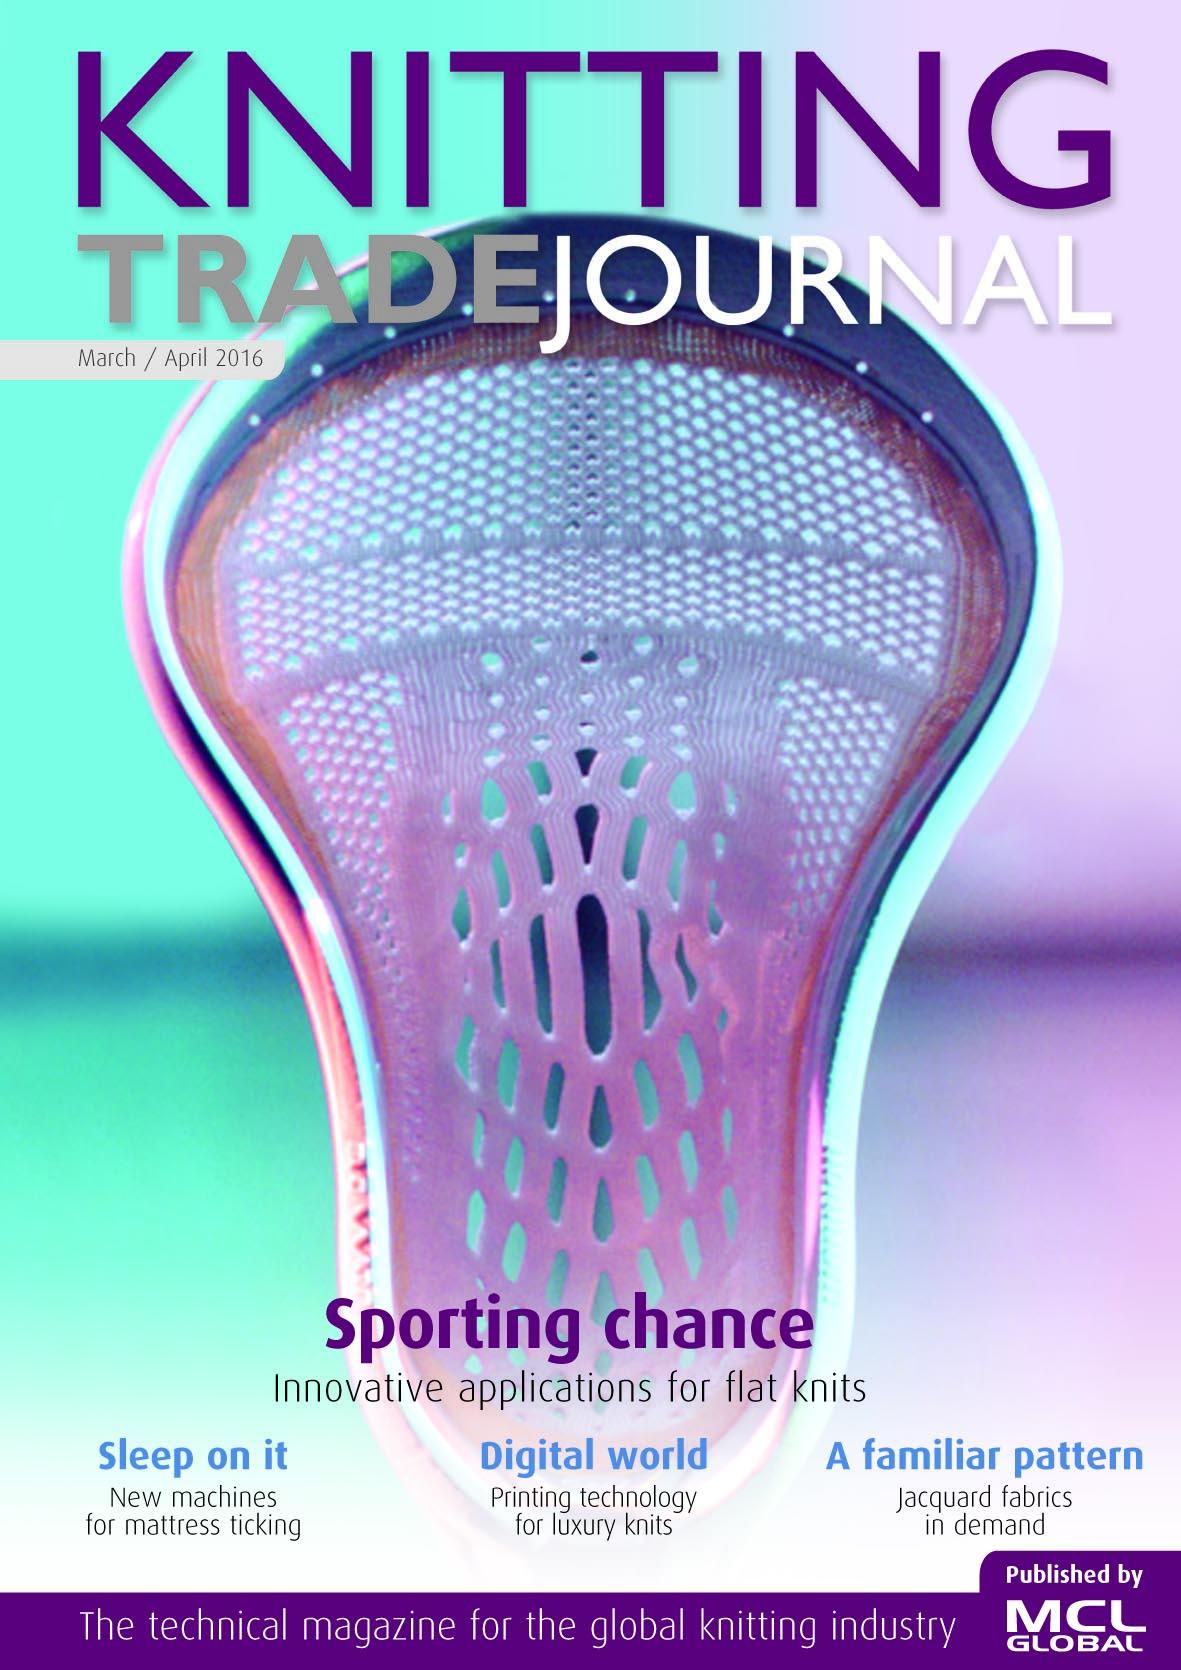 Knitting Trade Journal